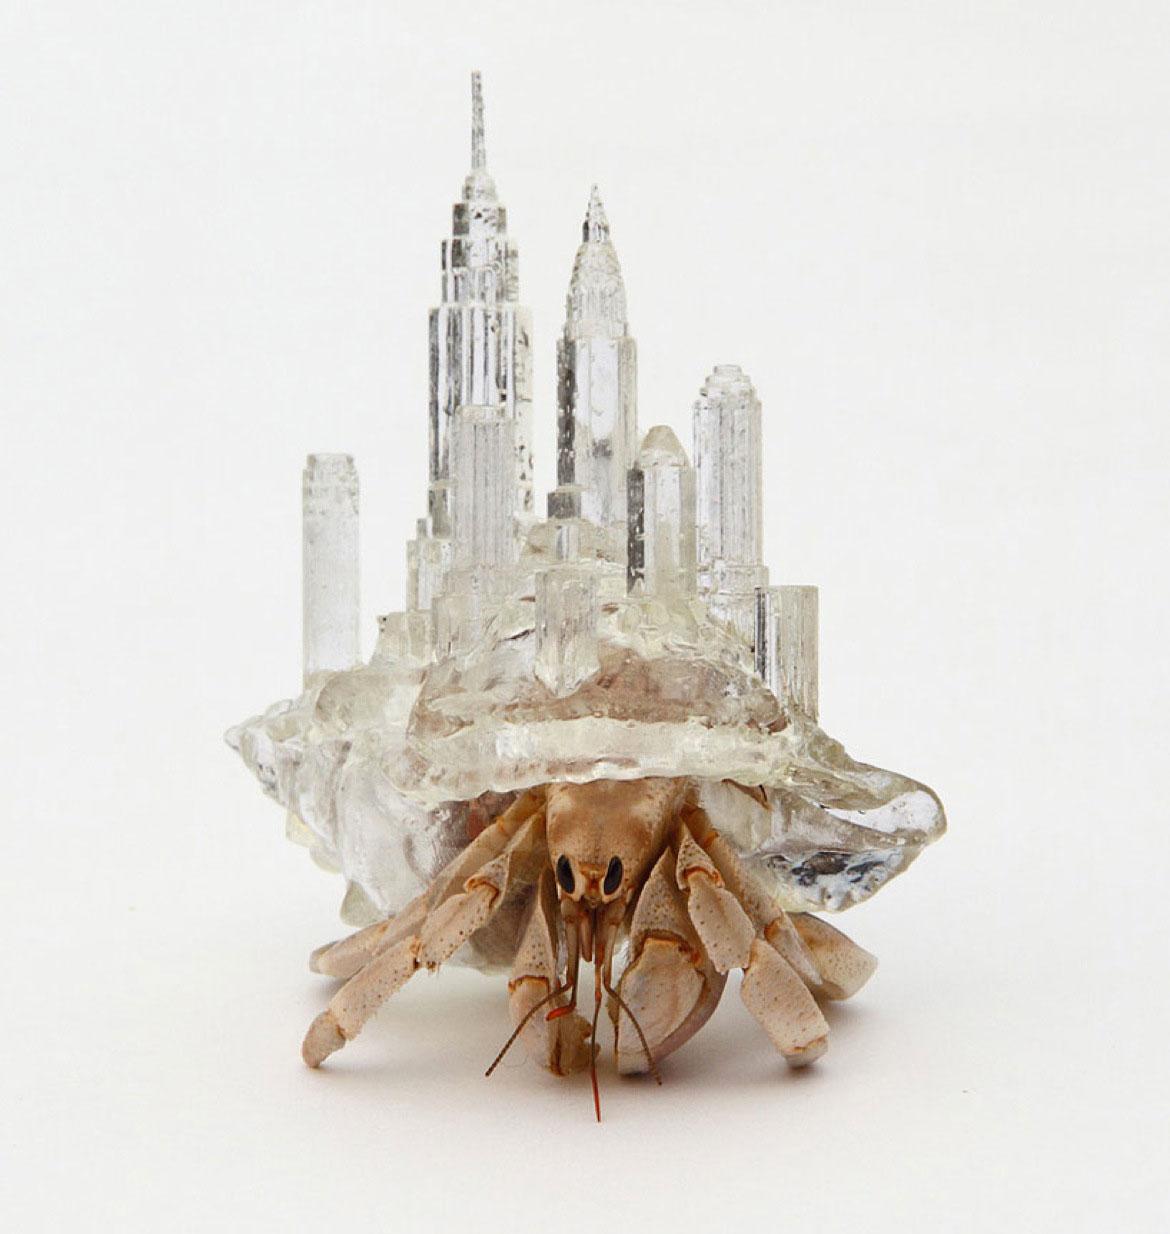 Hermit Crab Shells by Aki Inomata | Yellowtrace